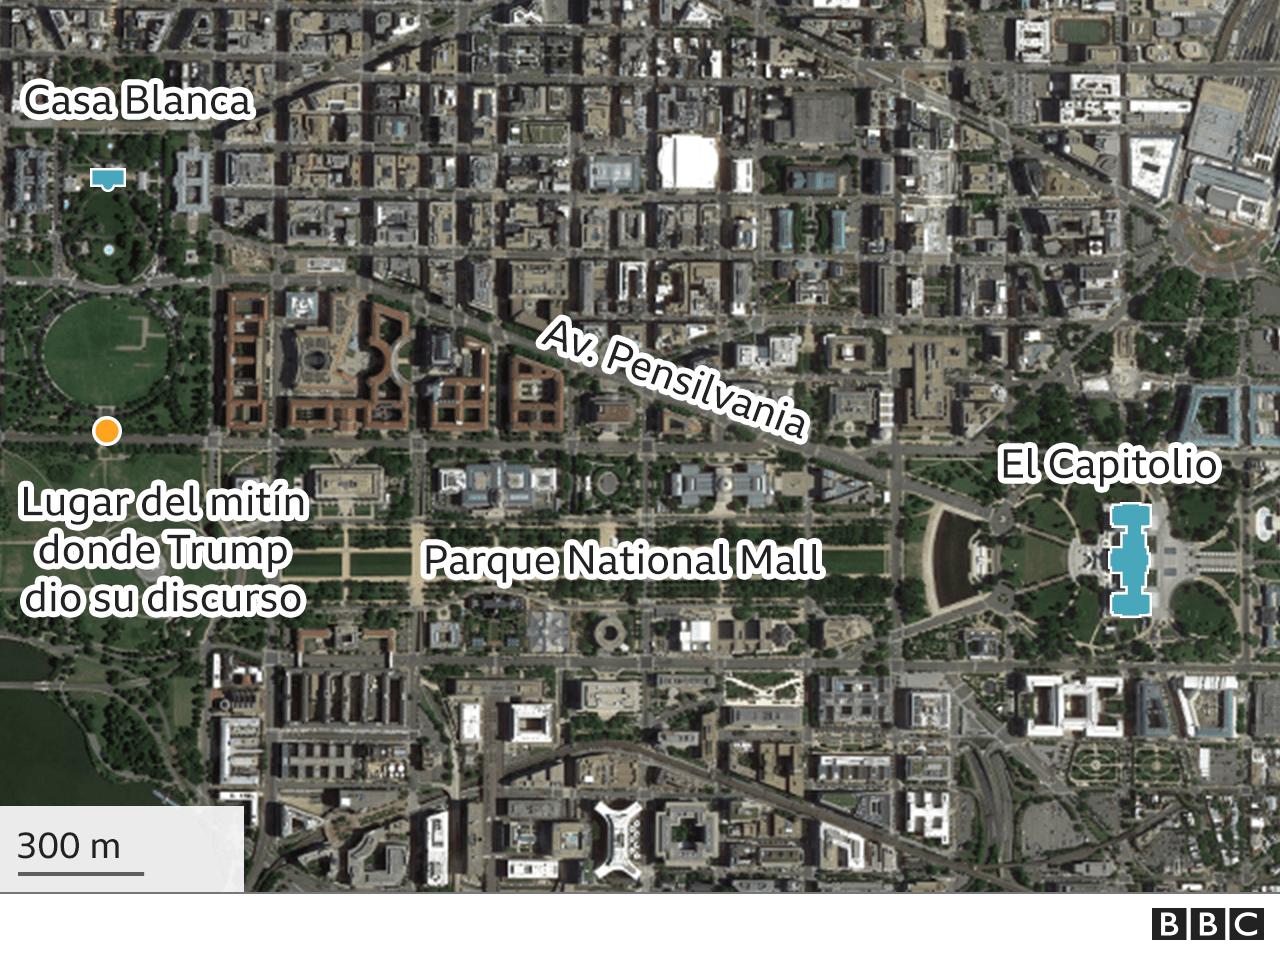 Mapa que muestra la distancia entre la Casa Blanca y el Capitolio.